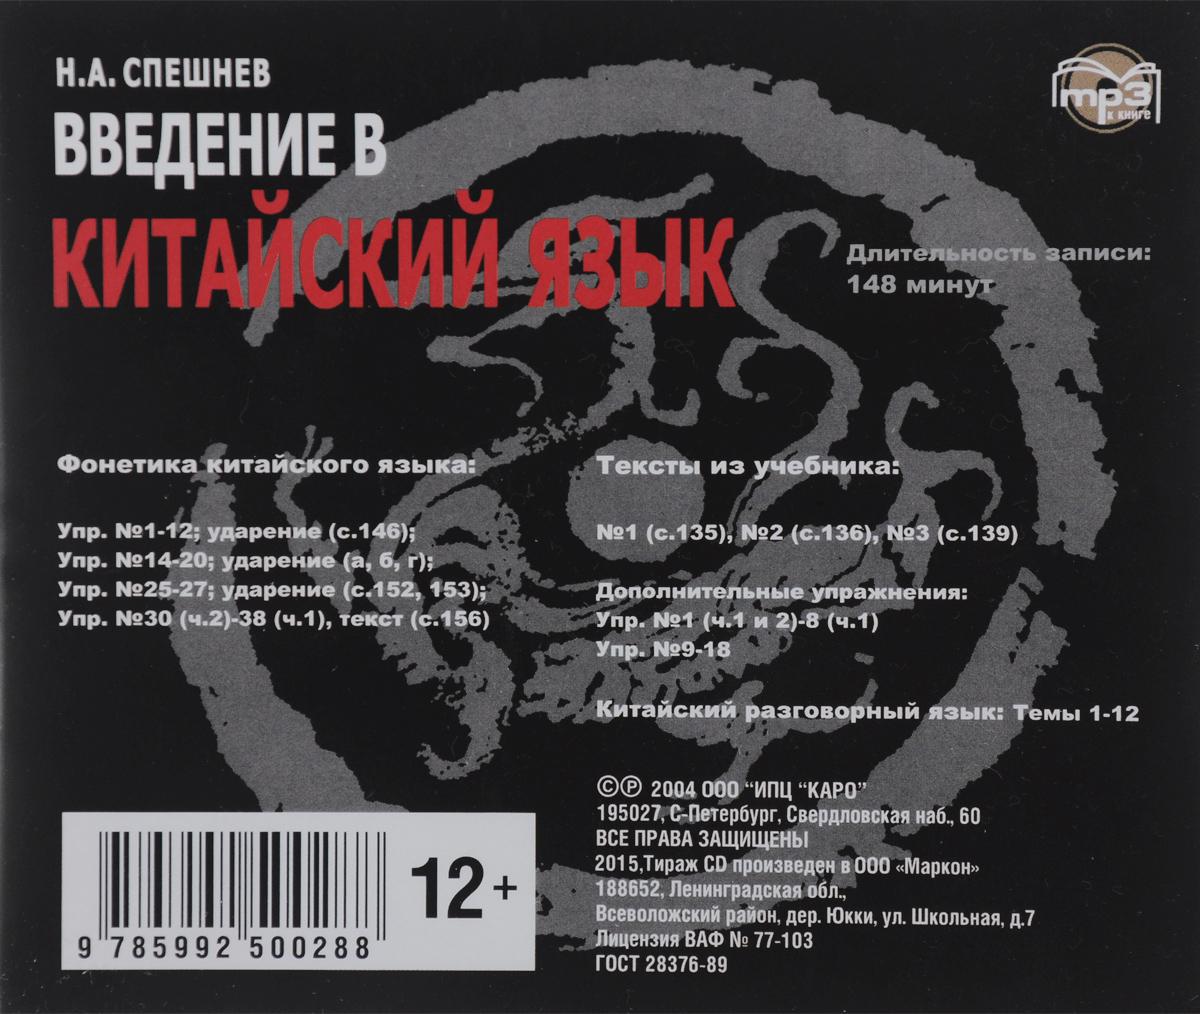 Введение в китайский язык (аудиокурс MP3 на CD)